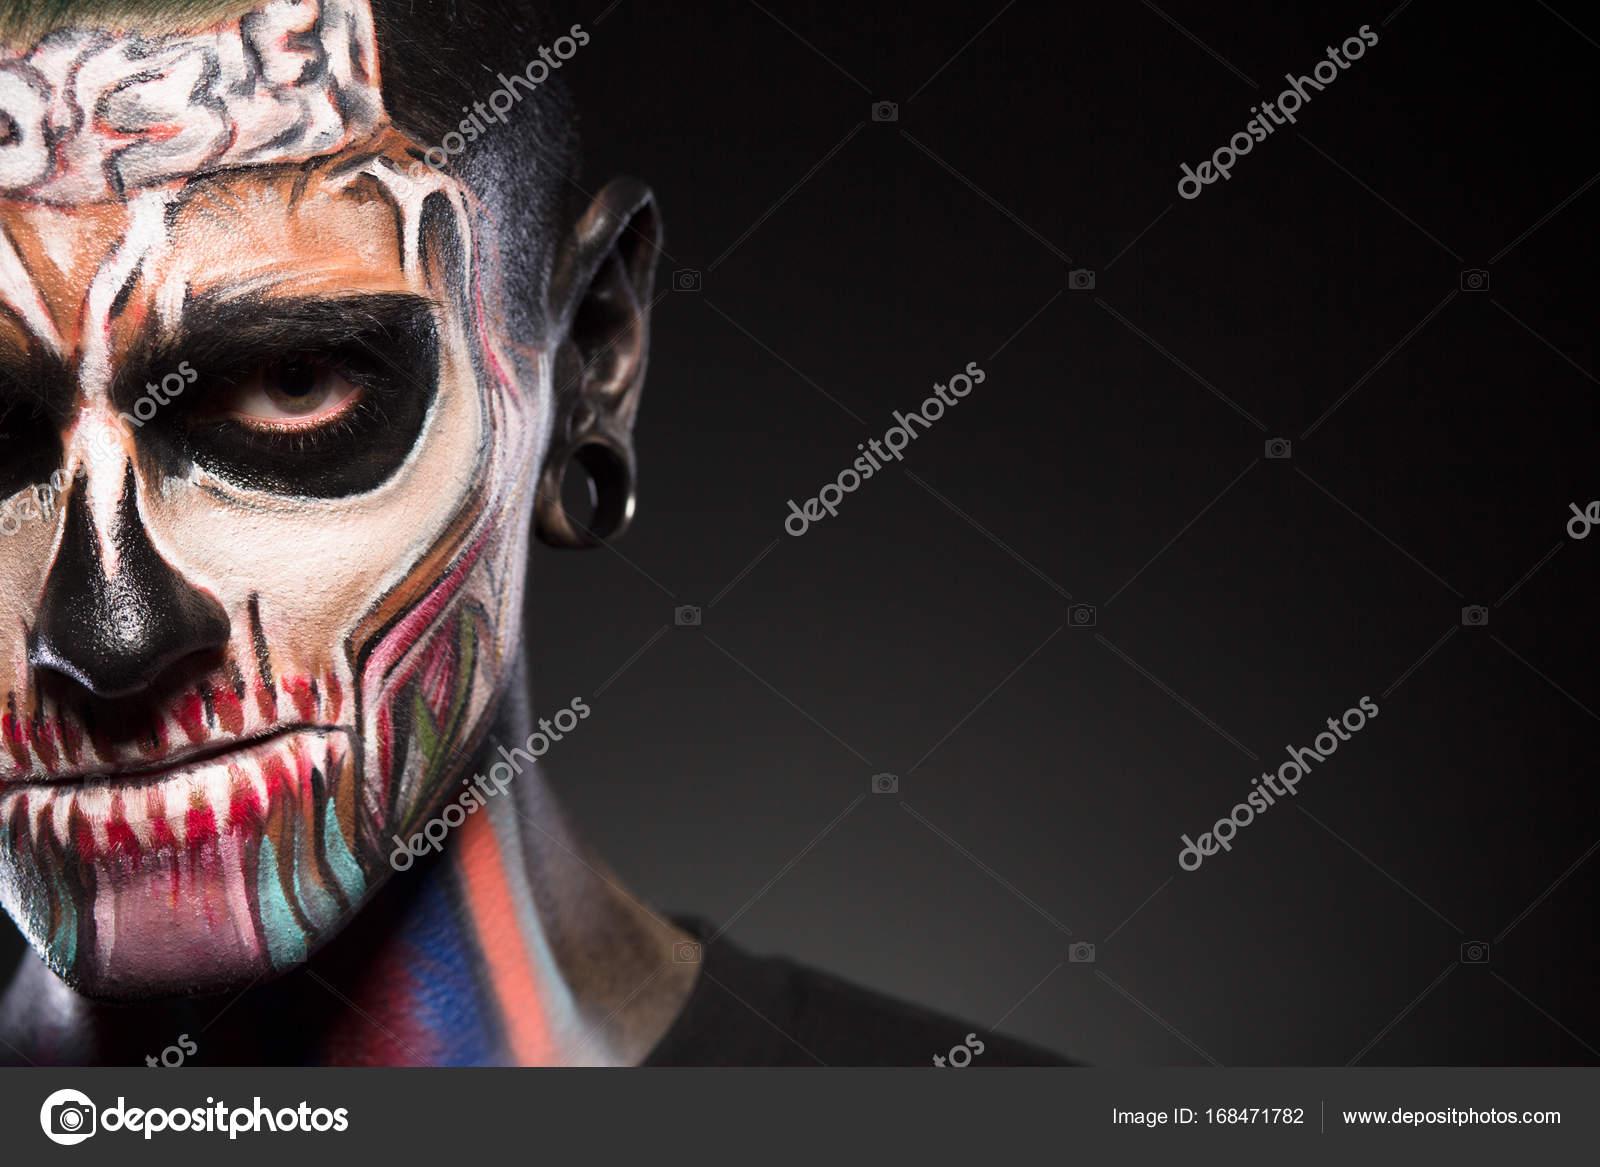 Maquillaje De La Cara De Zombie Hombre Fotos De Stock - Maquillaje-zombie-hombre